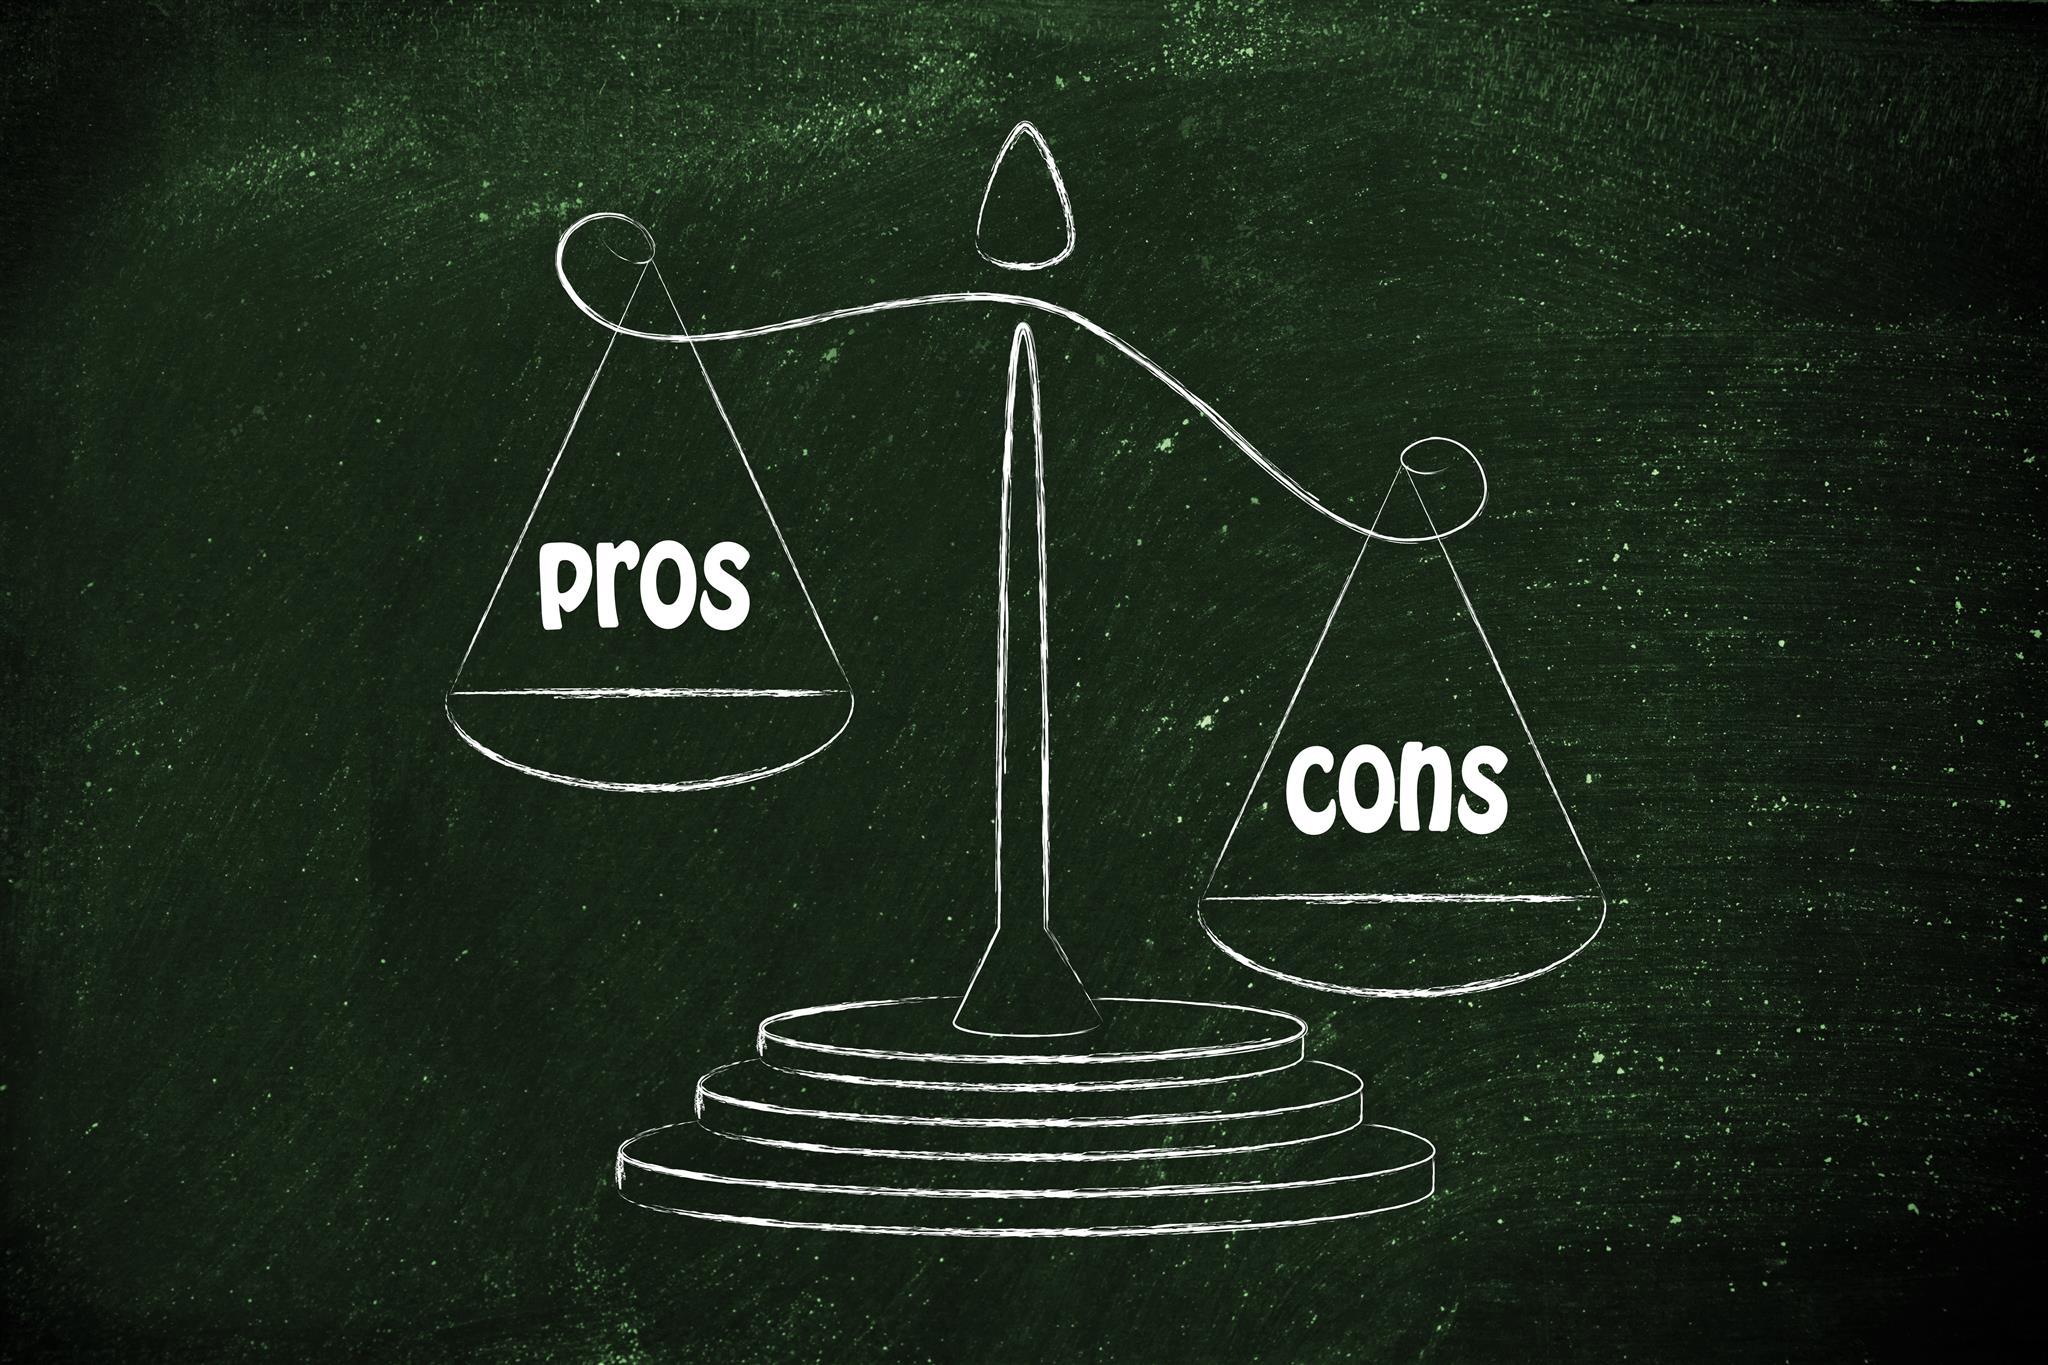 Pros and Cons là gì và cấu trúc cụm từ Pros and Cons trong câu Tiếng Anh